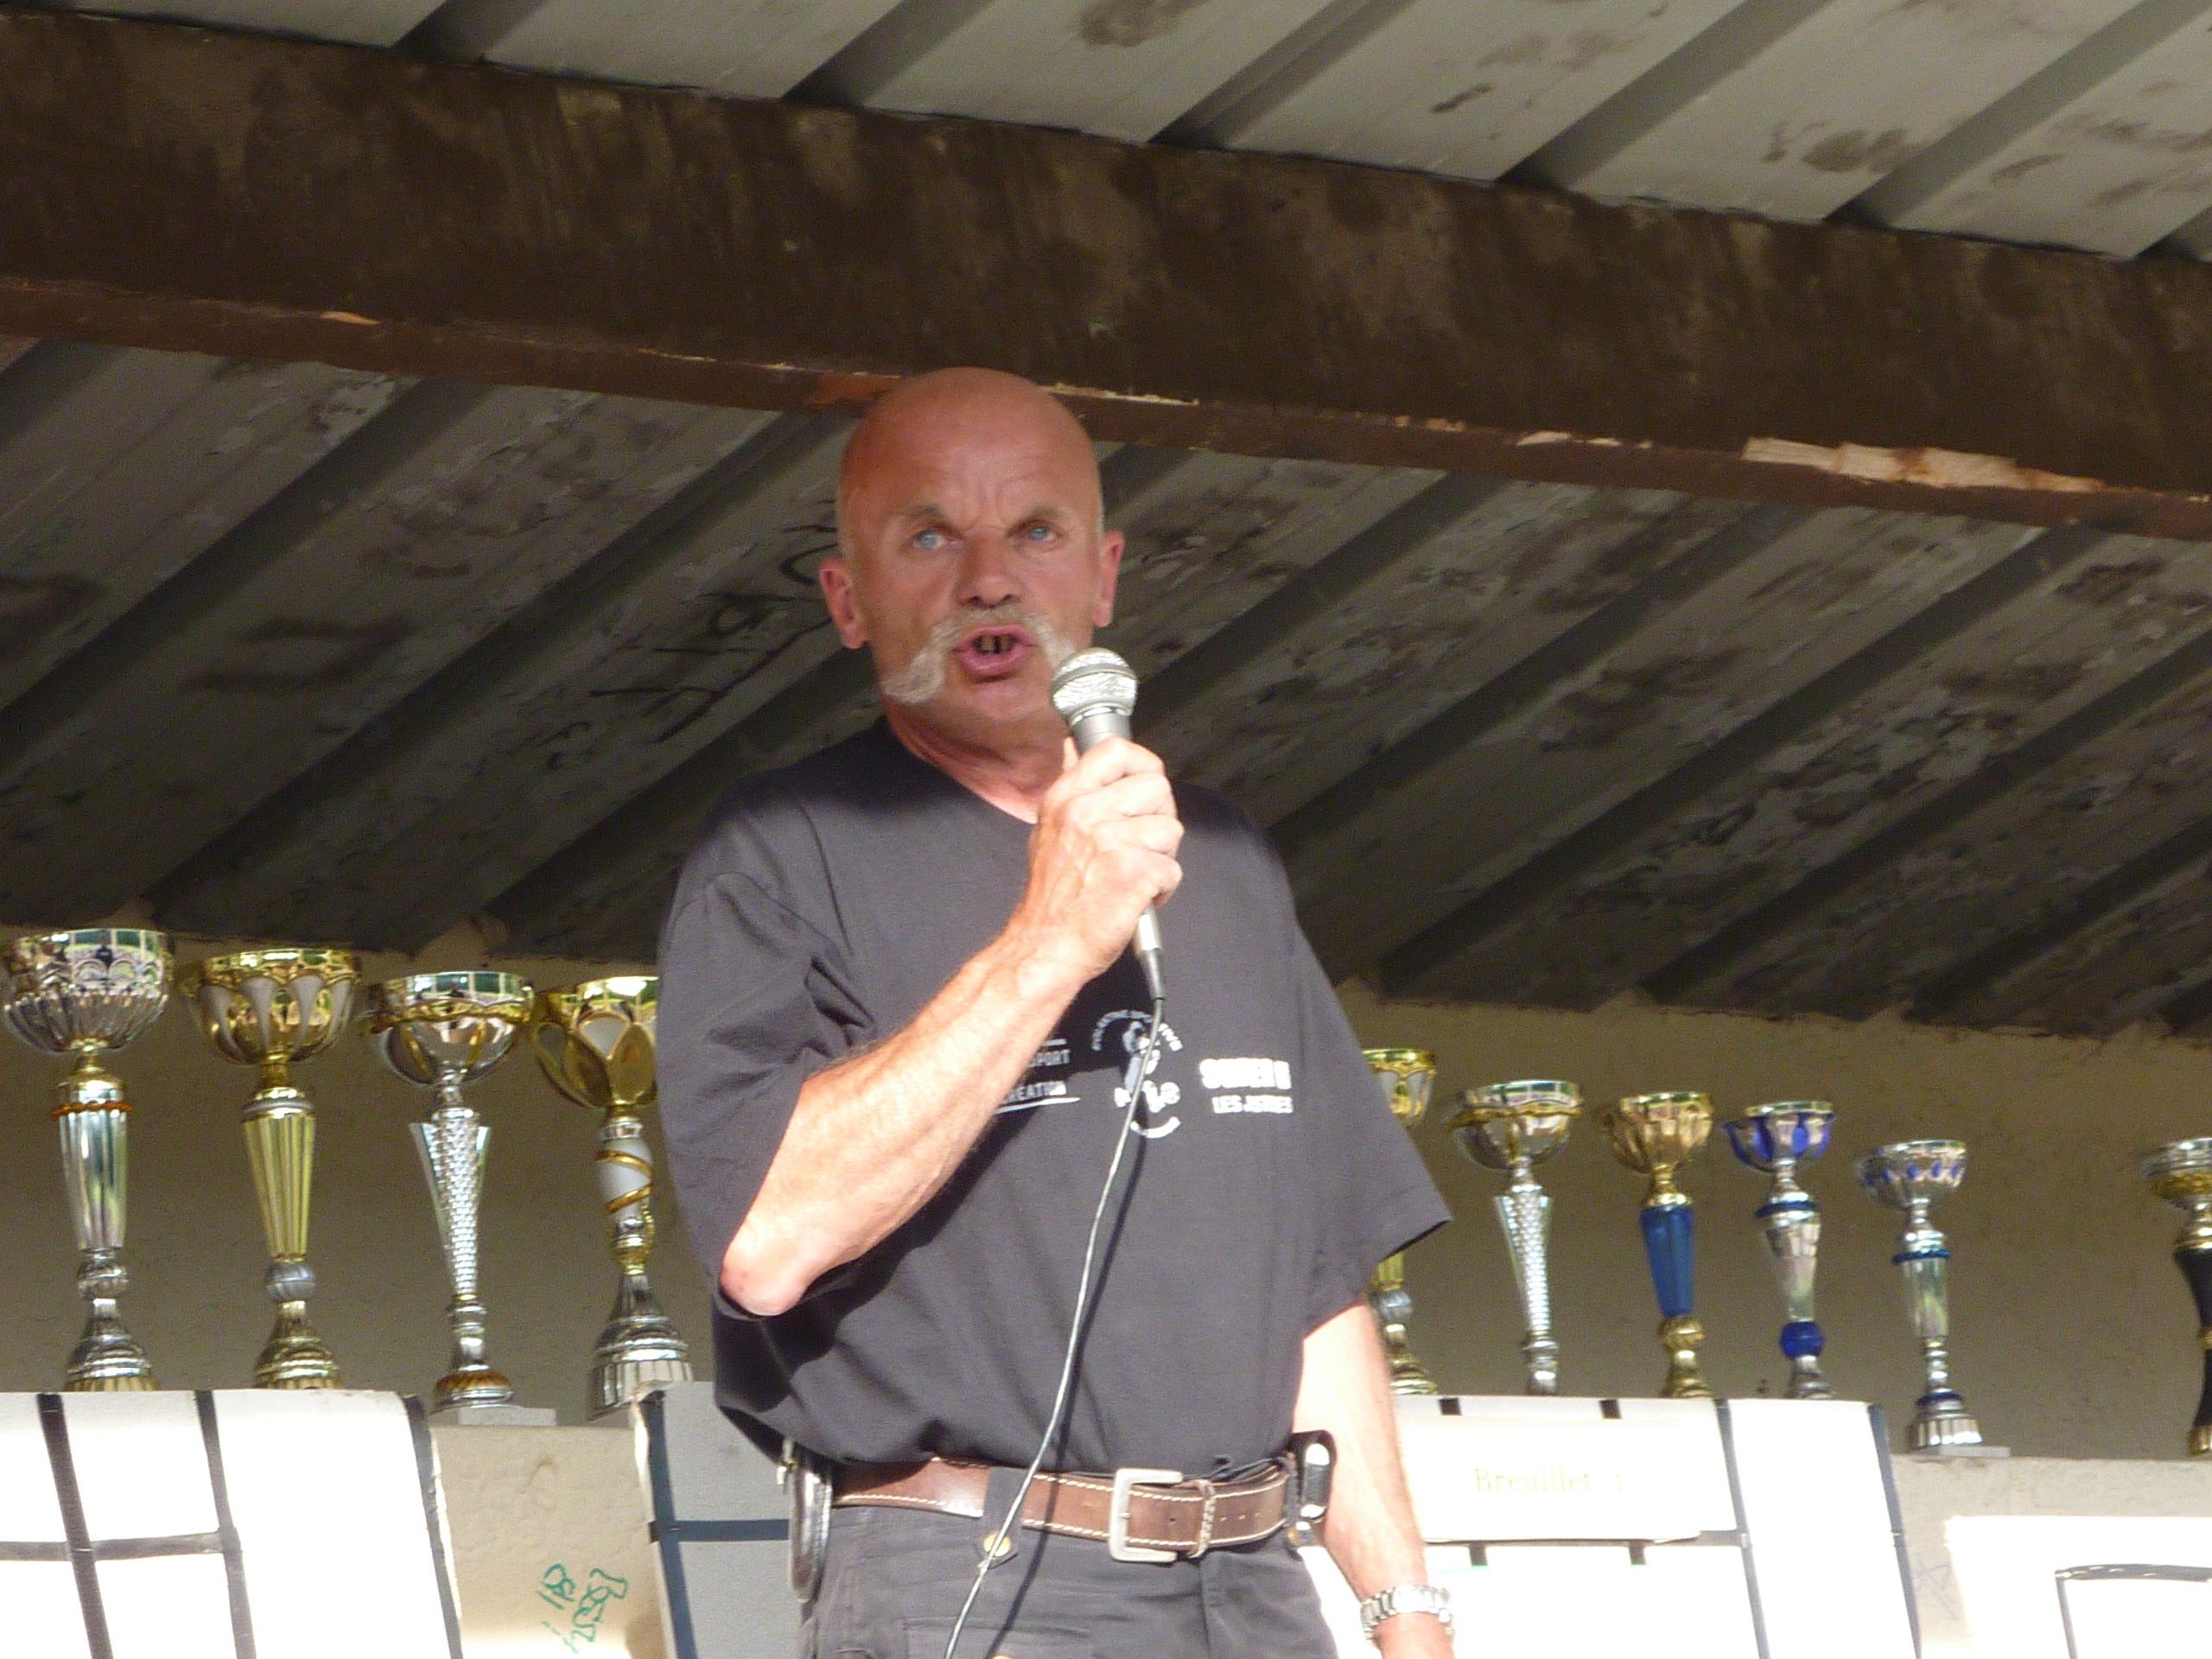 Patrick Leroy remet des récompenses à la fin d'un tournoi